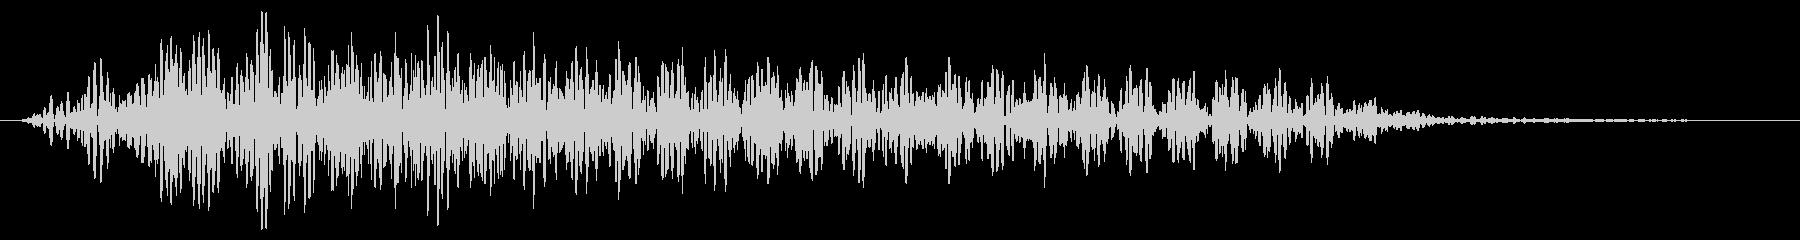 ダーク ストローク ナイロンギターの未再生の波形